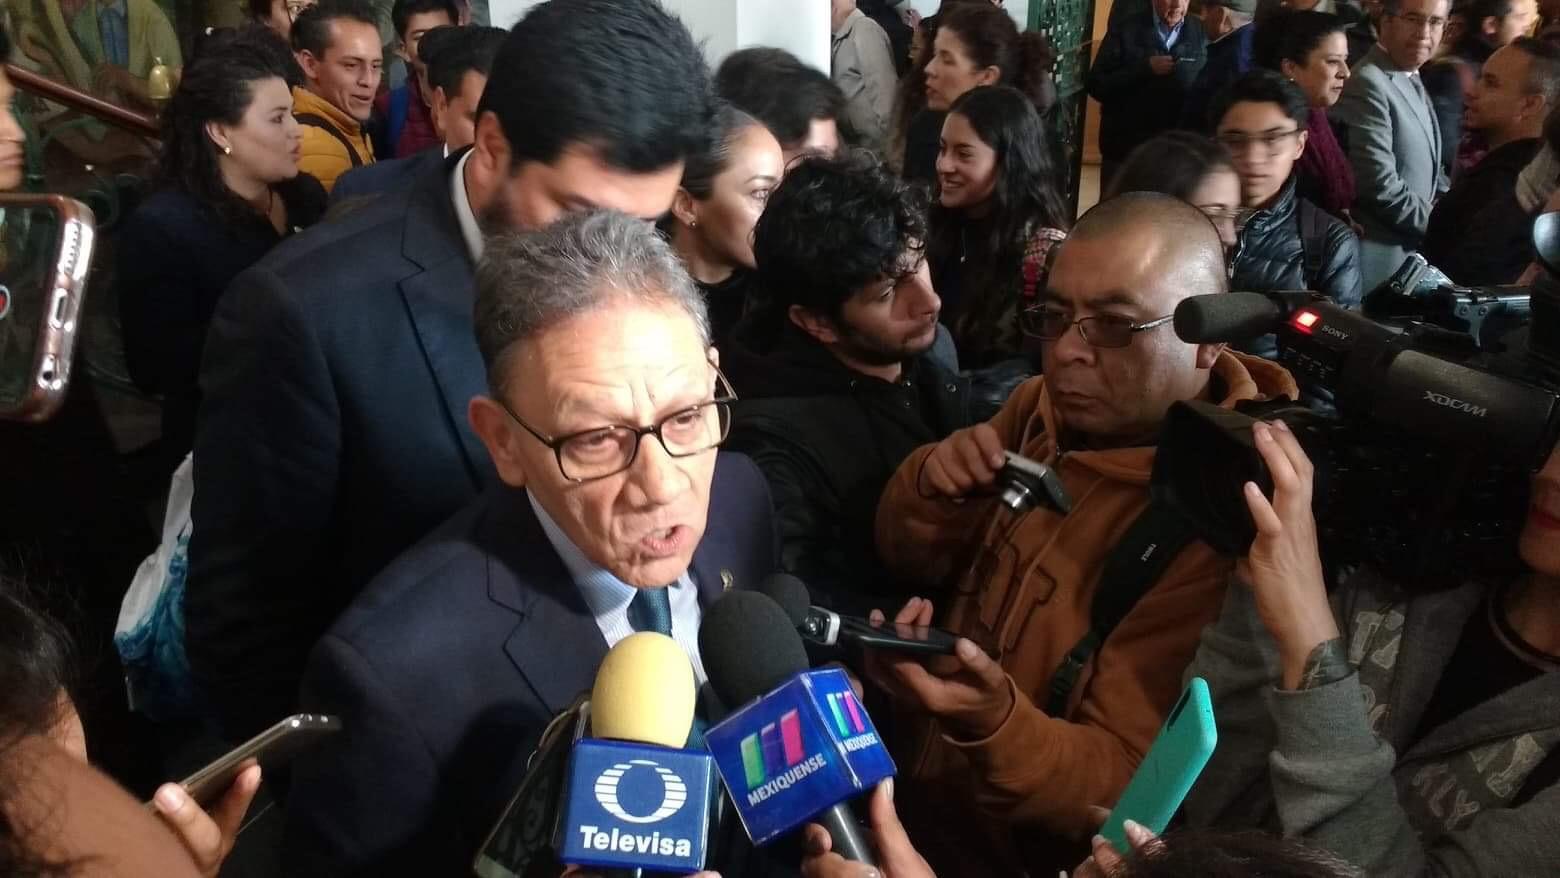 Por UAEM, buscar soluciones no enfrentamiento, rector a legisladores